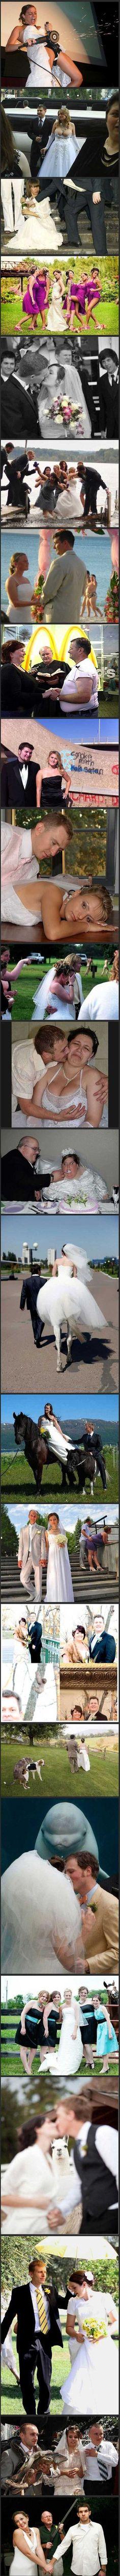 Hilarious WTF wedding photos.: